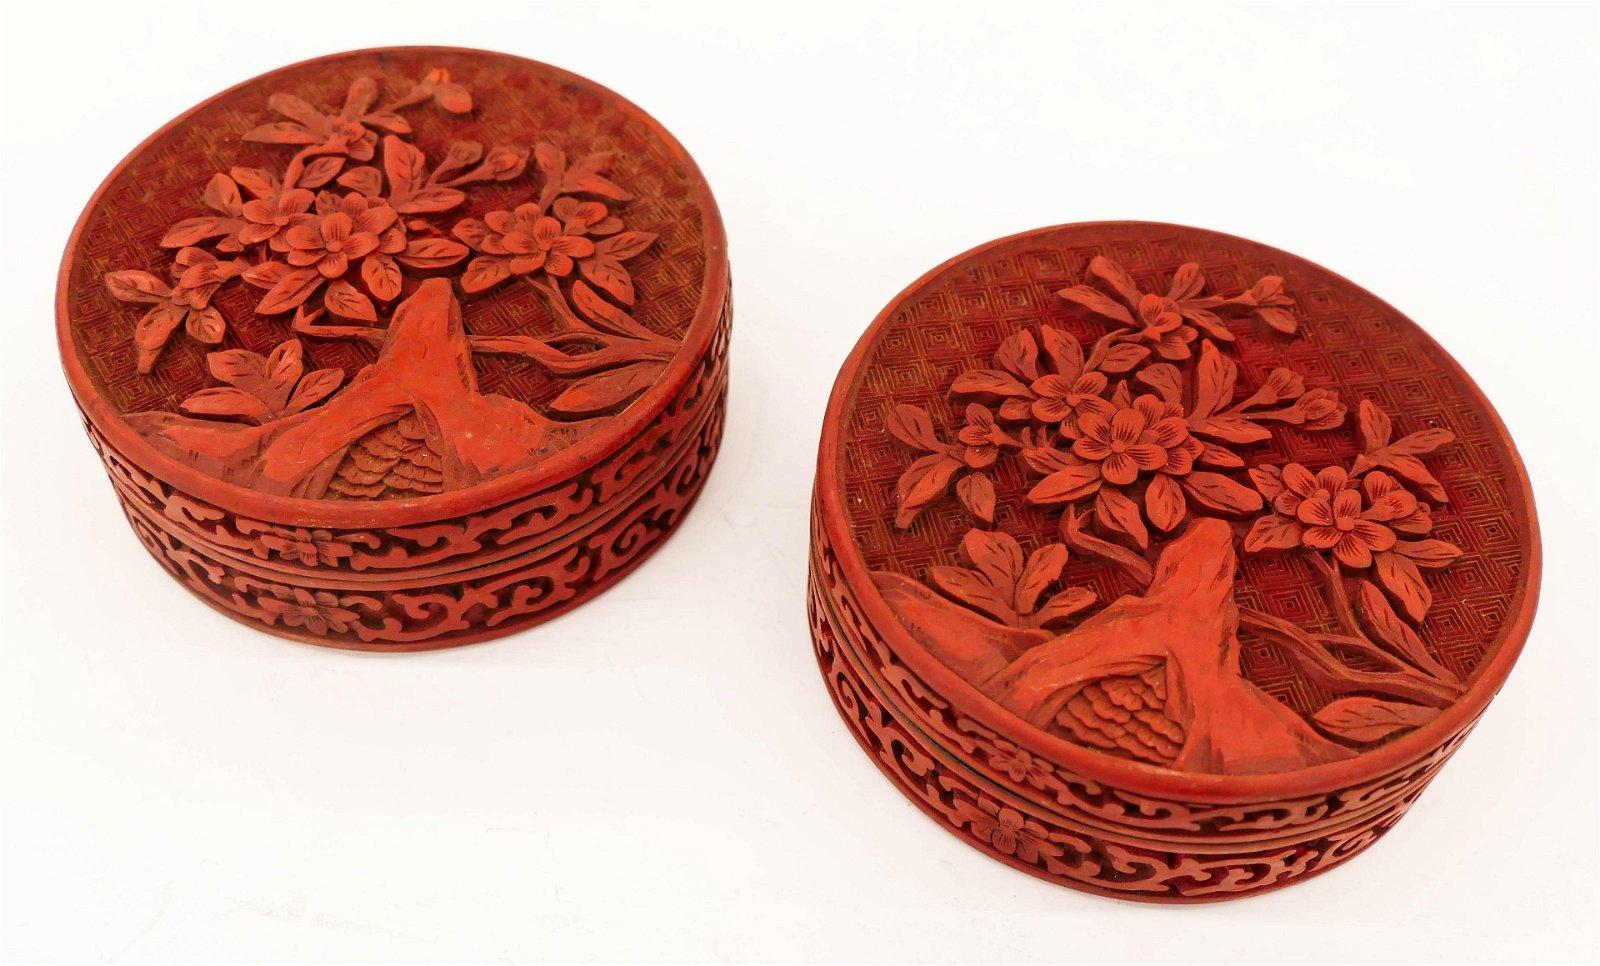 Pair Chinese Cinnabar Round Boxes 4''x1.5'' Each.